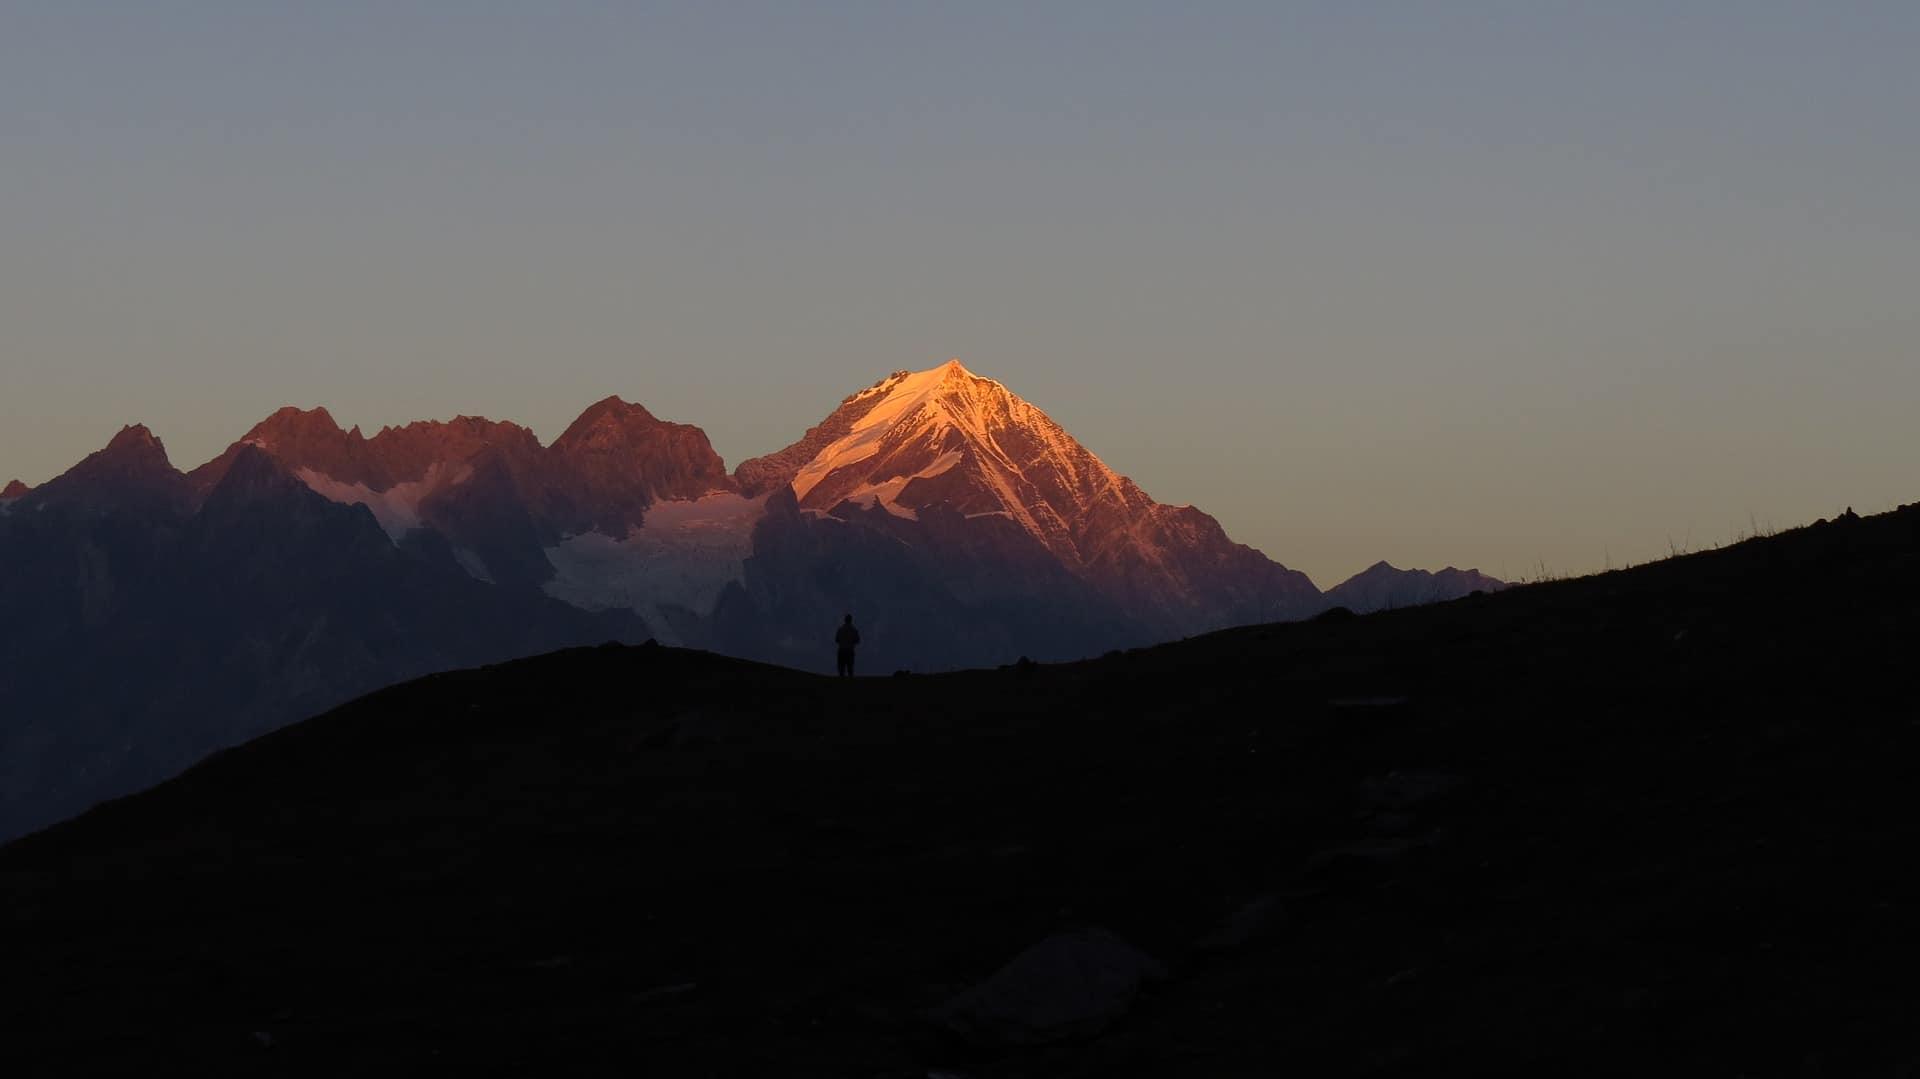 Pir Panjal Mountain Ranges